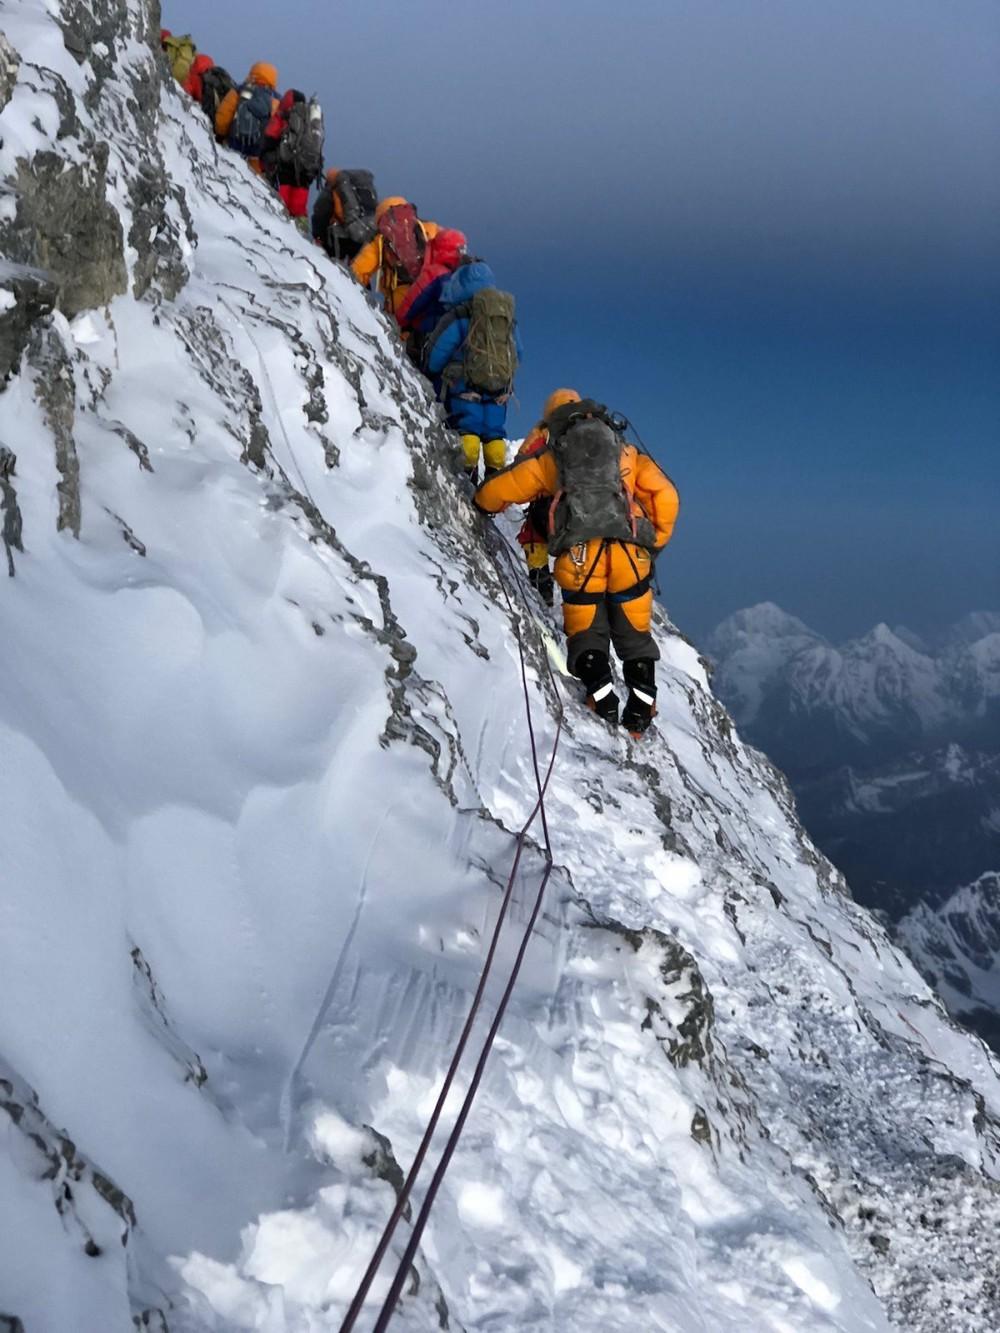 Địa ngục sống trên Everest: Nơi tàn phá cơ thể trong từng tế bào khiến con người bỏ mạng - Ảnh 7.